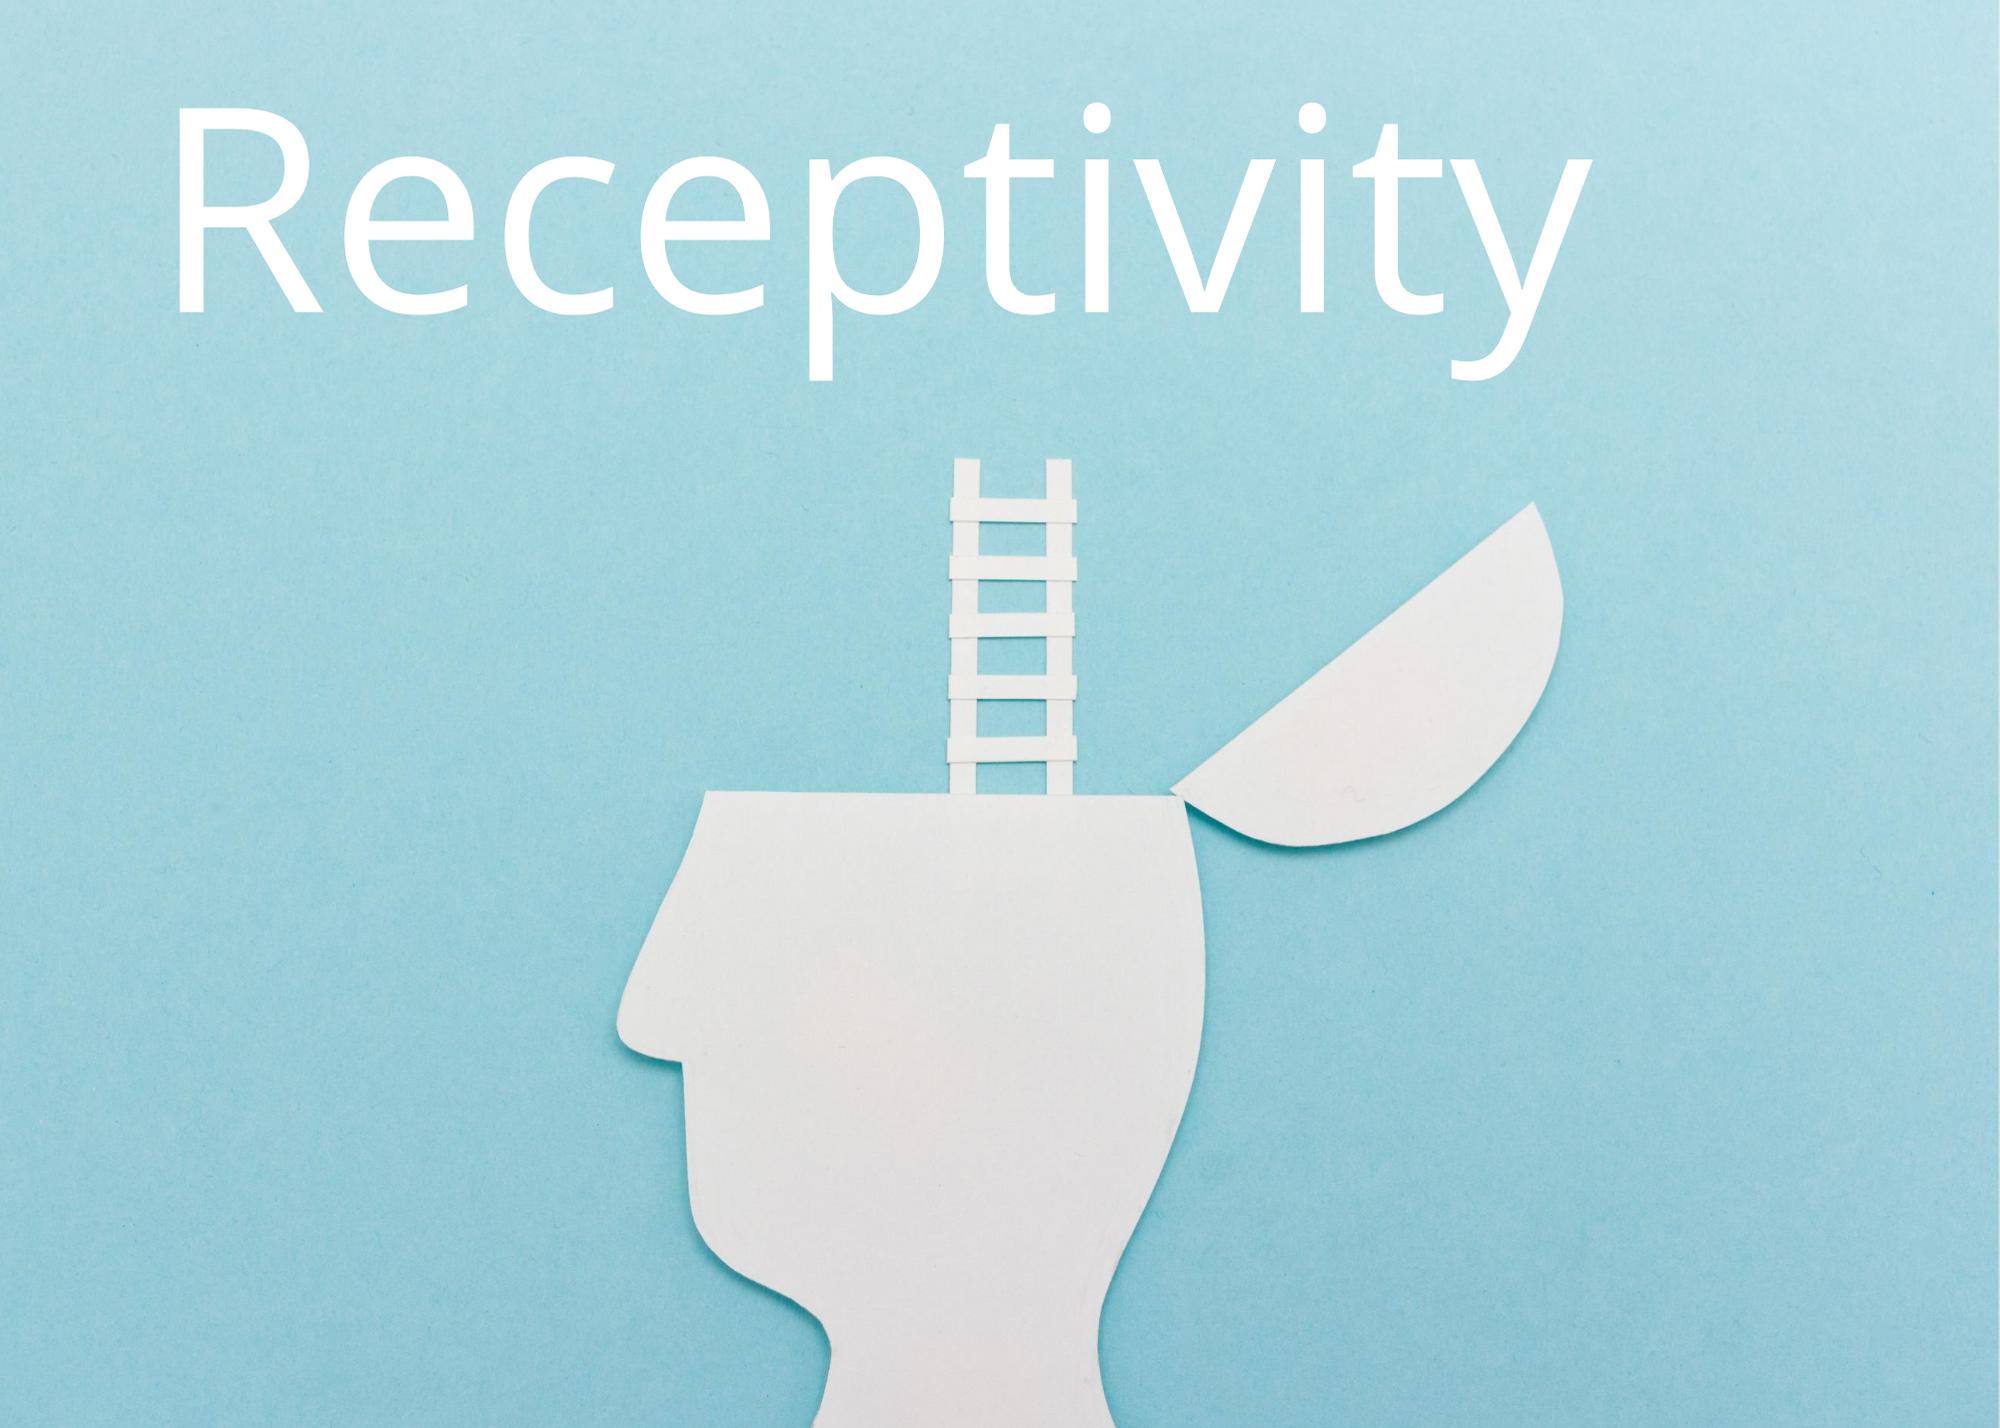 receptivity